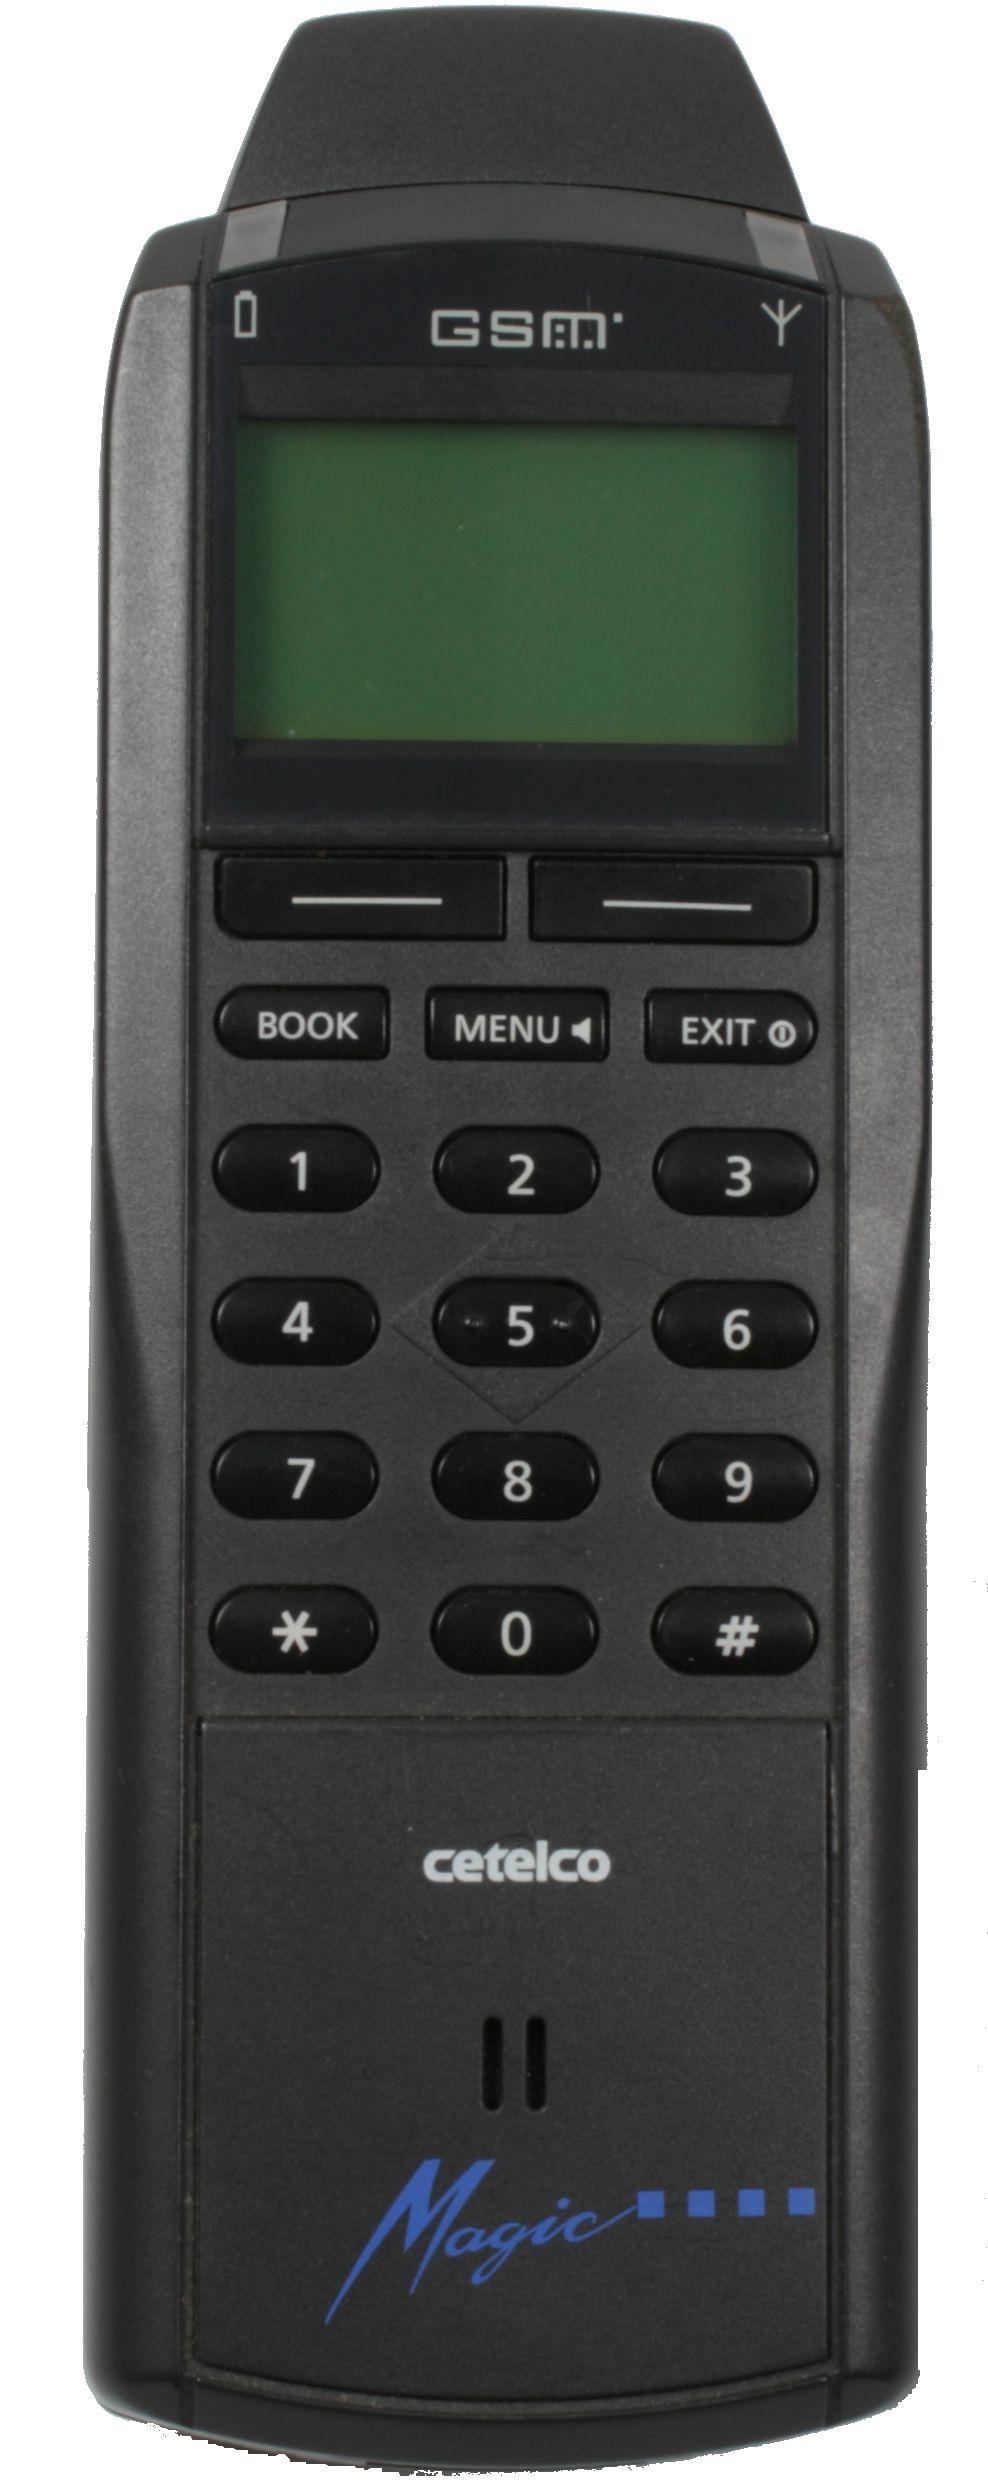 Hagenuk MT-2000 - това е първият мобилен телефон с вградена антена. Пуснат е на пазара през 1994 г.